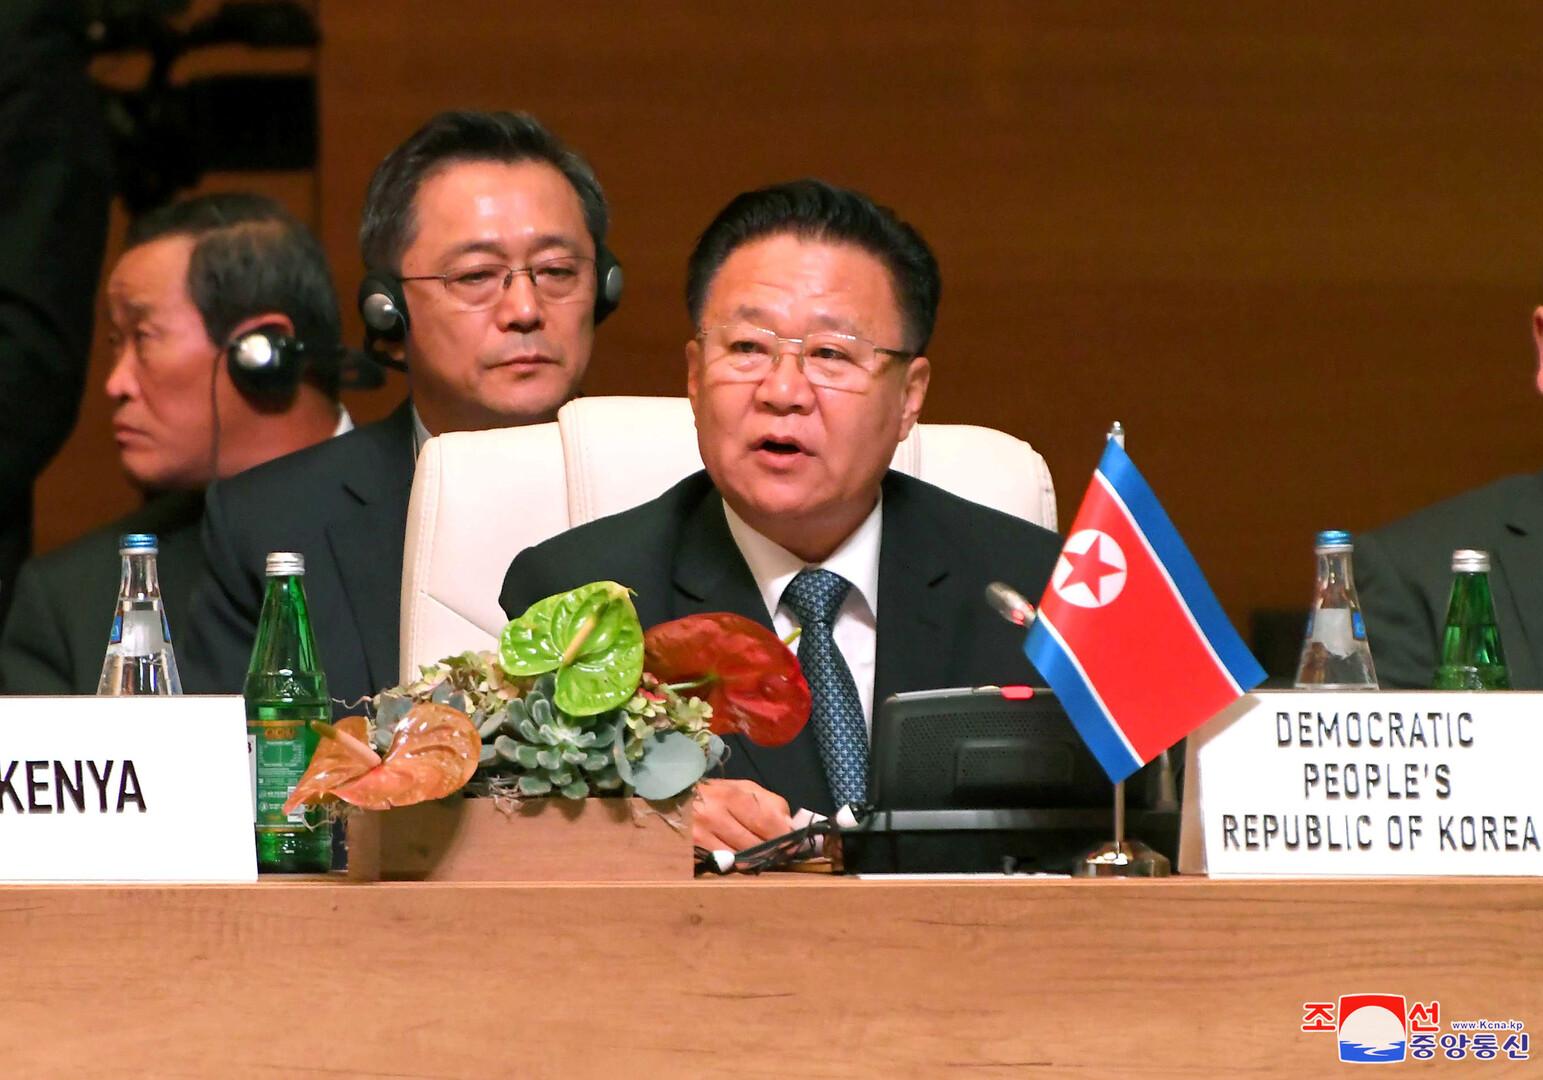 نائب رئيس مجلس الدولة ورئيس هيئة الرئاسة لمجلس الشعب الأعلى في كوريا الشمالية، تسوي ريون هي، خلال مشاركته في القمة الـ18 لحركة عدم الانحياز في باكو